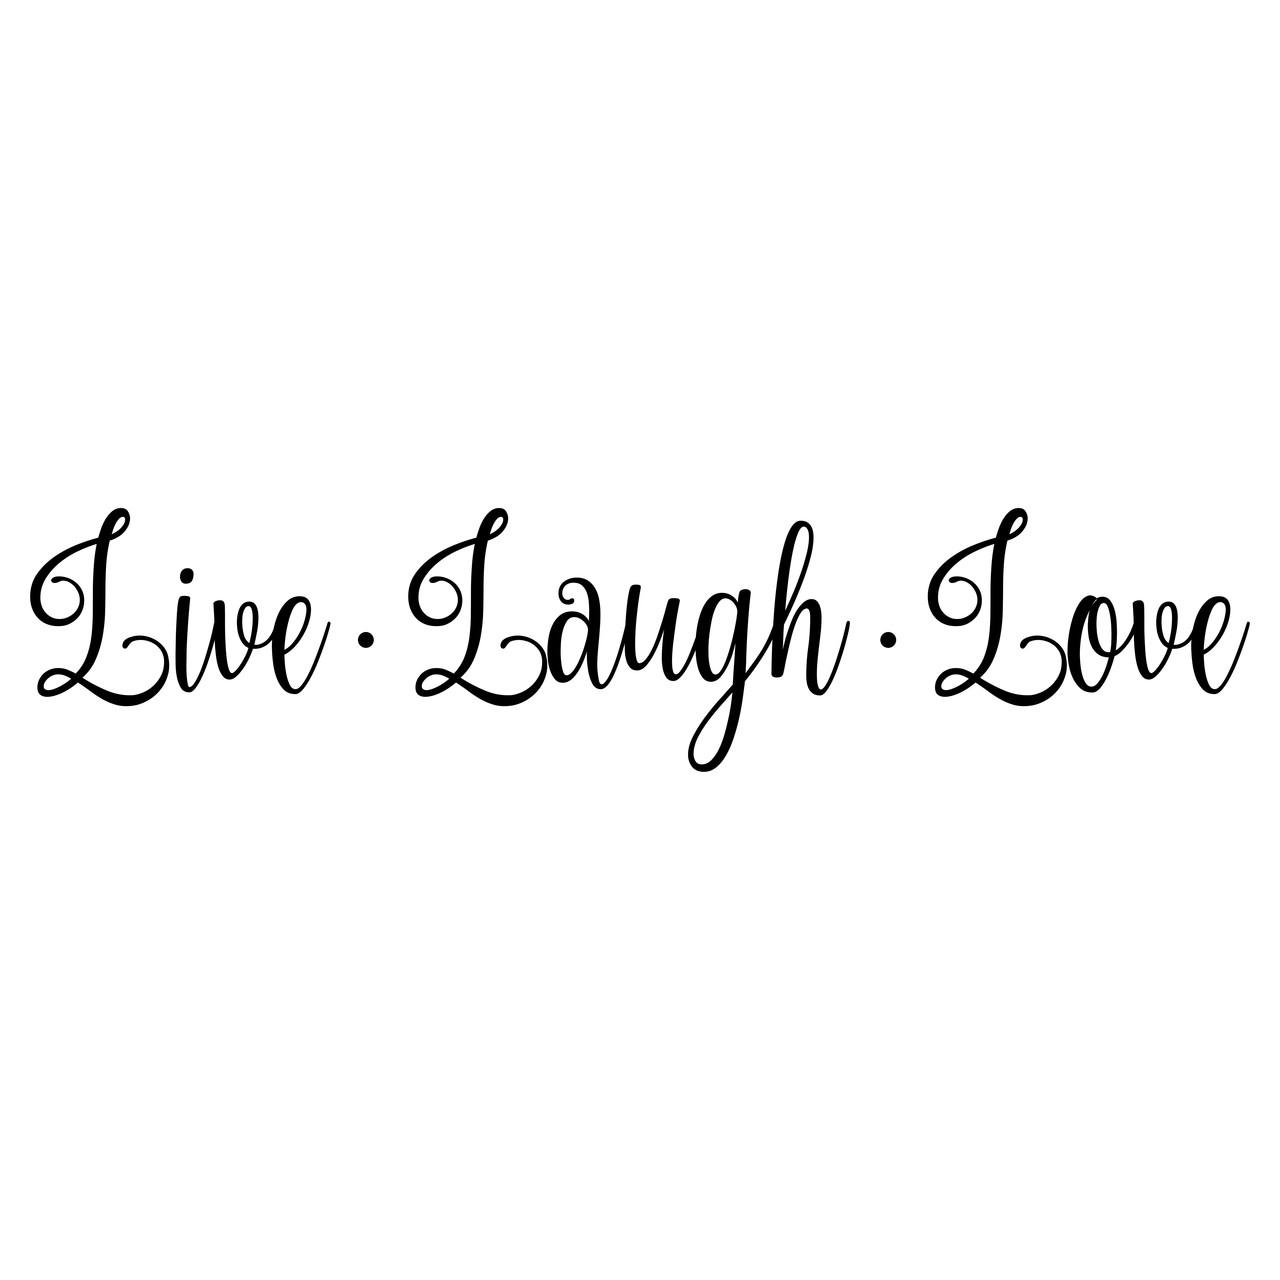 live laugh love 20 x 4 5 vinyl decal sticker 20 color options